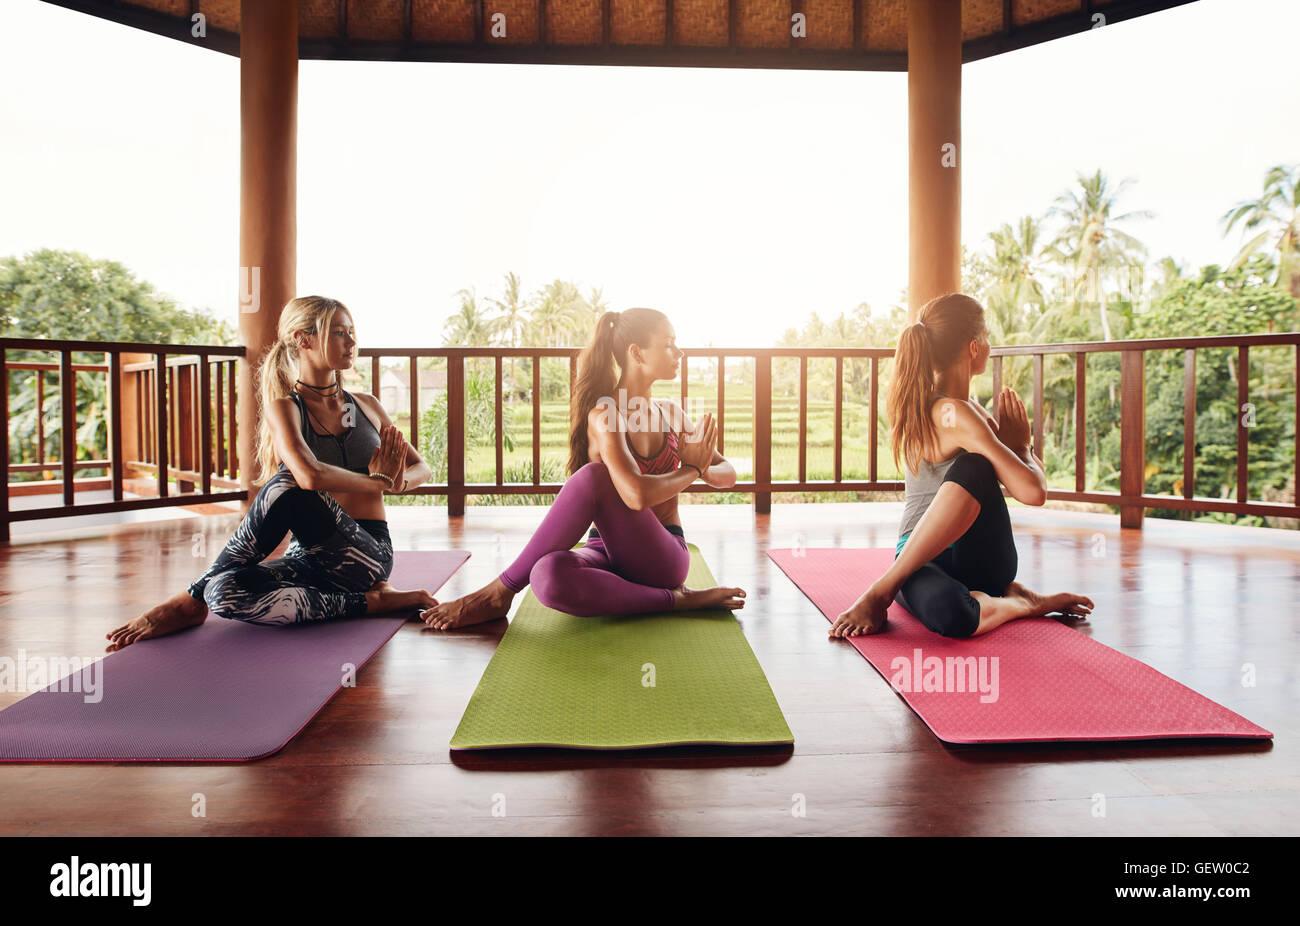 Les jeunes femmes en bonne santé pratiquant la moitié de la moelle twist yoga. Groupe de femmes faisant Photo Stock